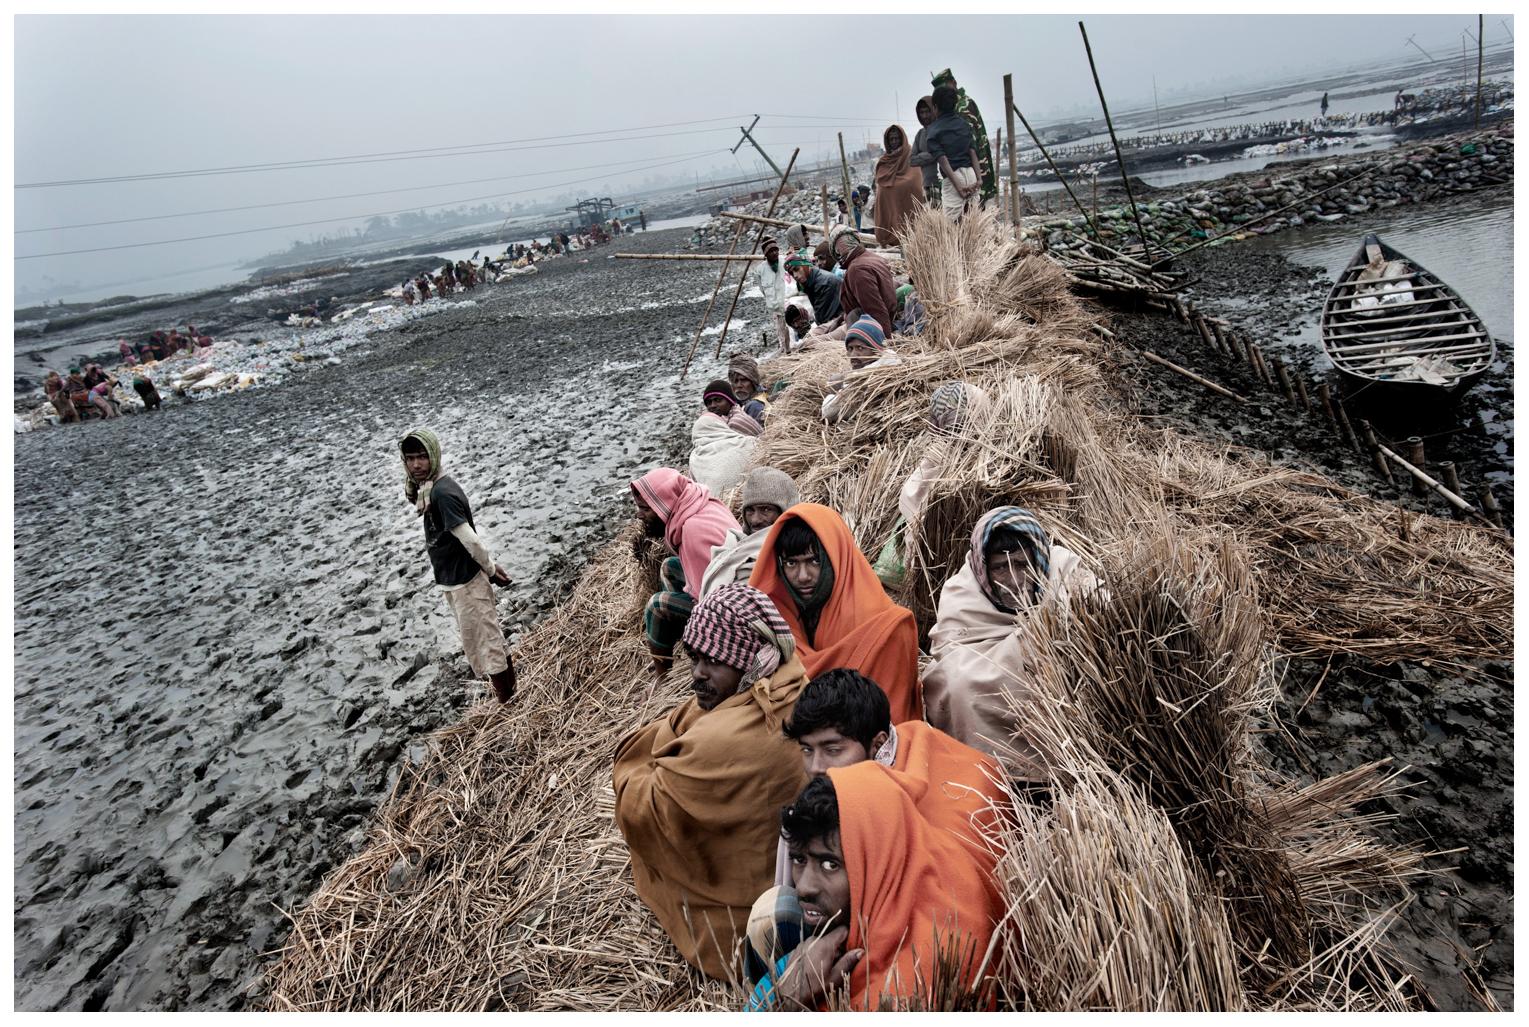 Bangladesh Climate rufugees